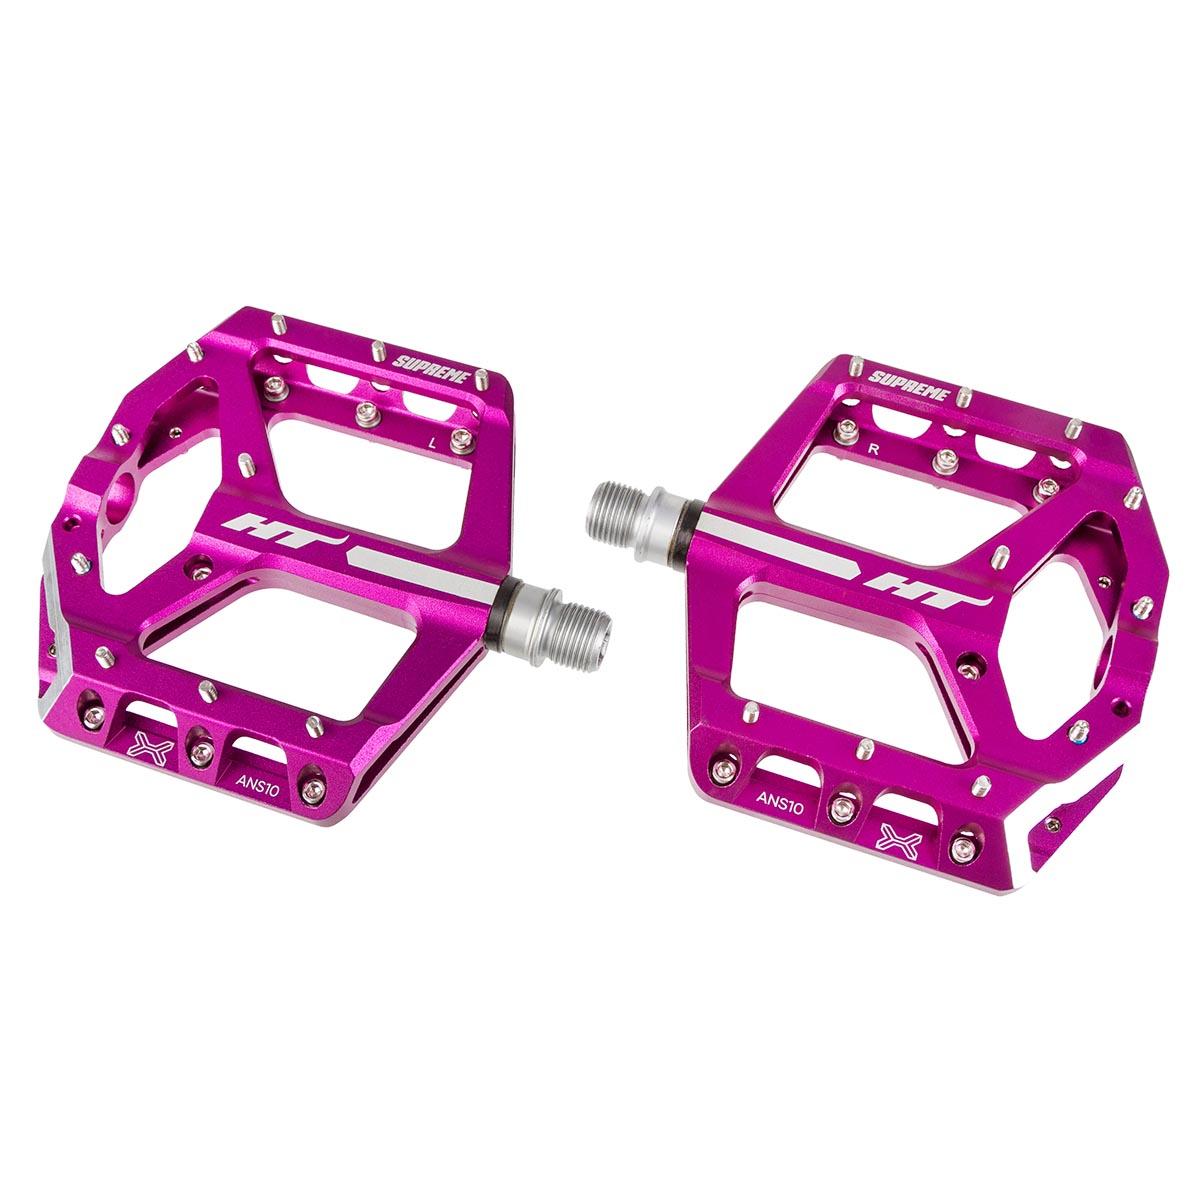 HT Components Pedale ANS08 Leap Violett